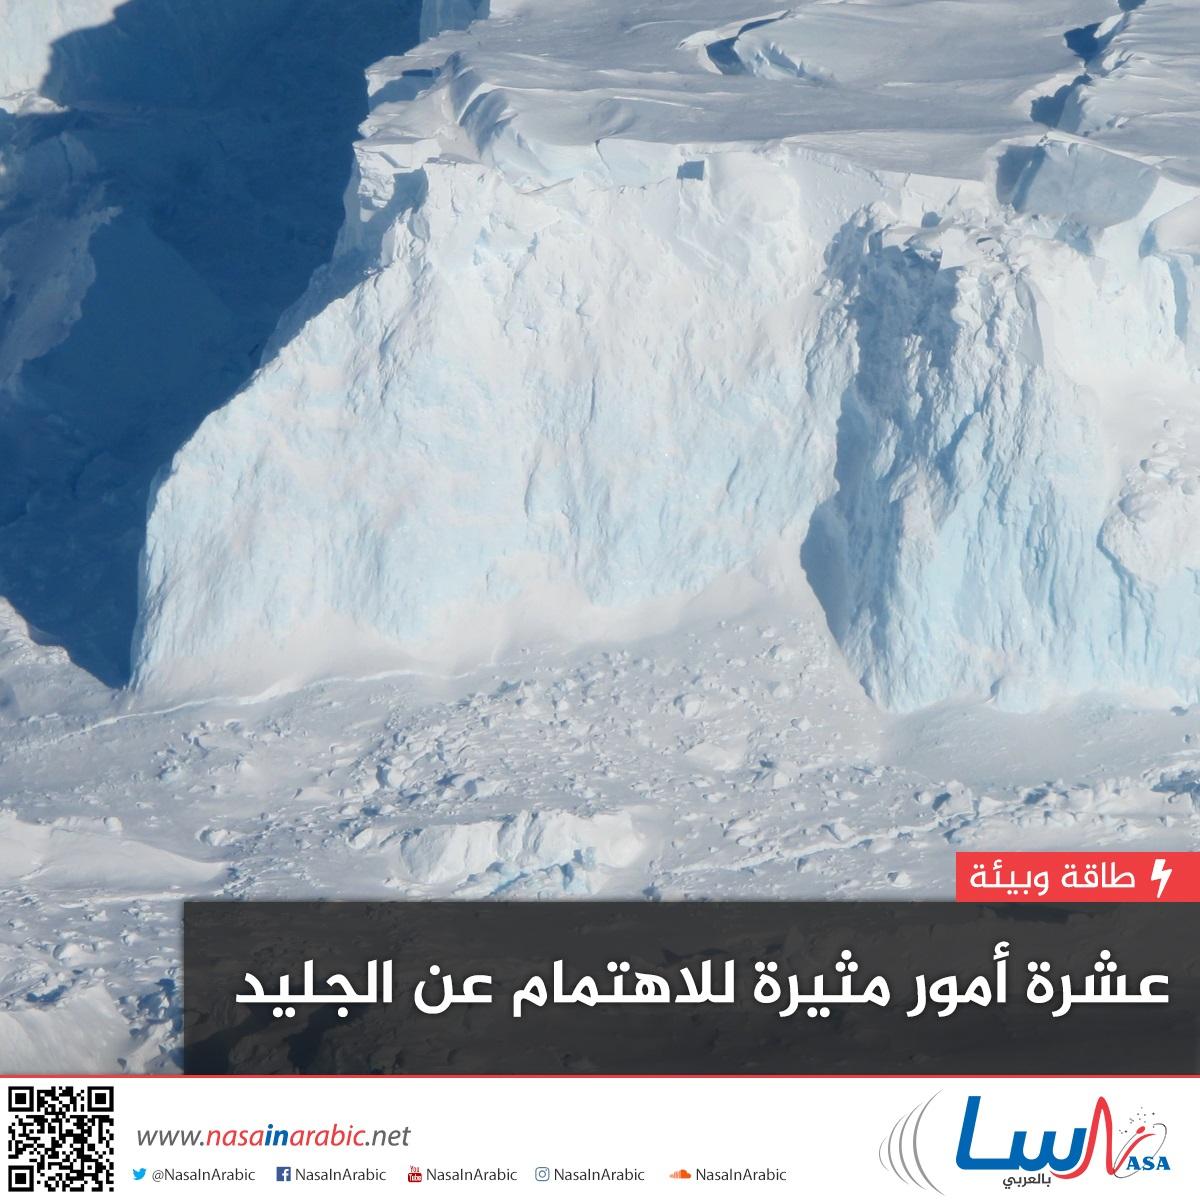 10 أمور مثيرة للاهتمام عن الجليد